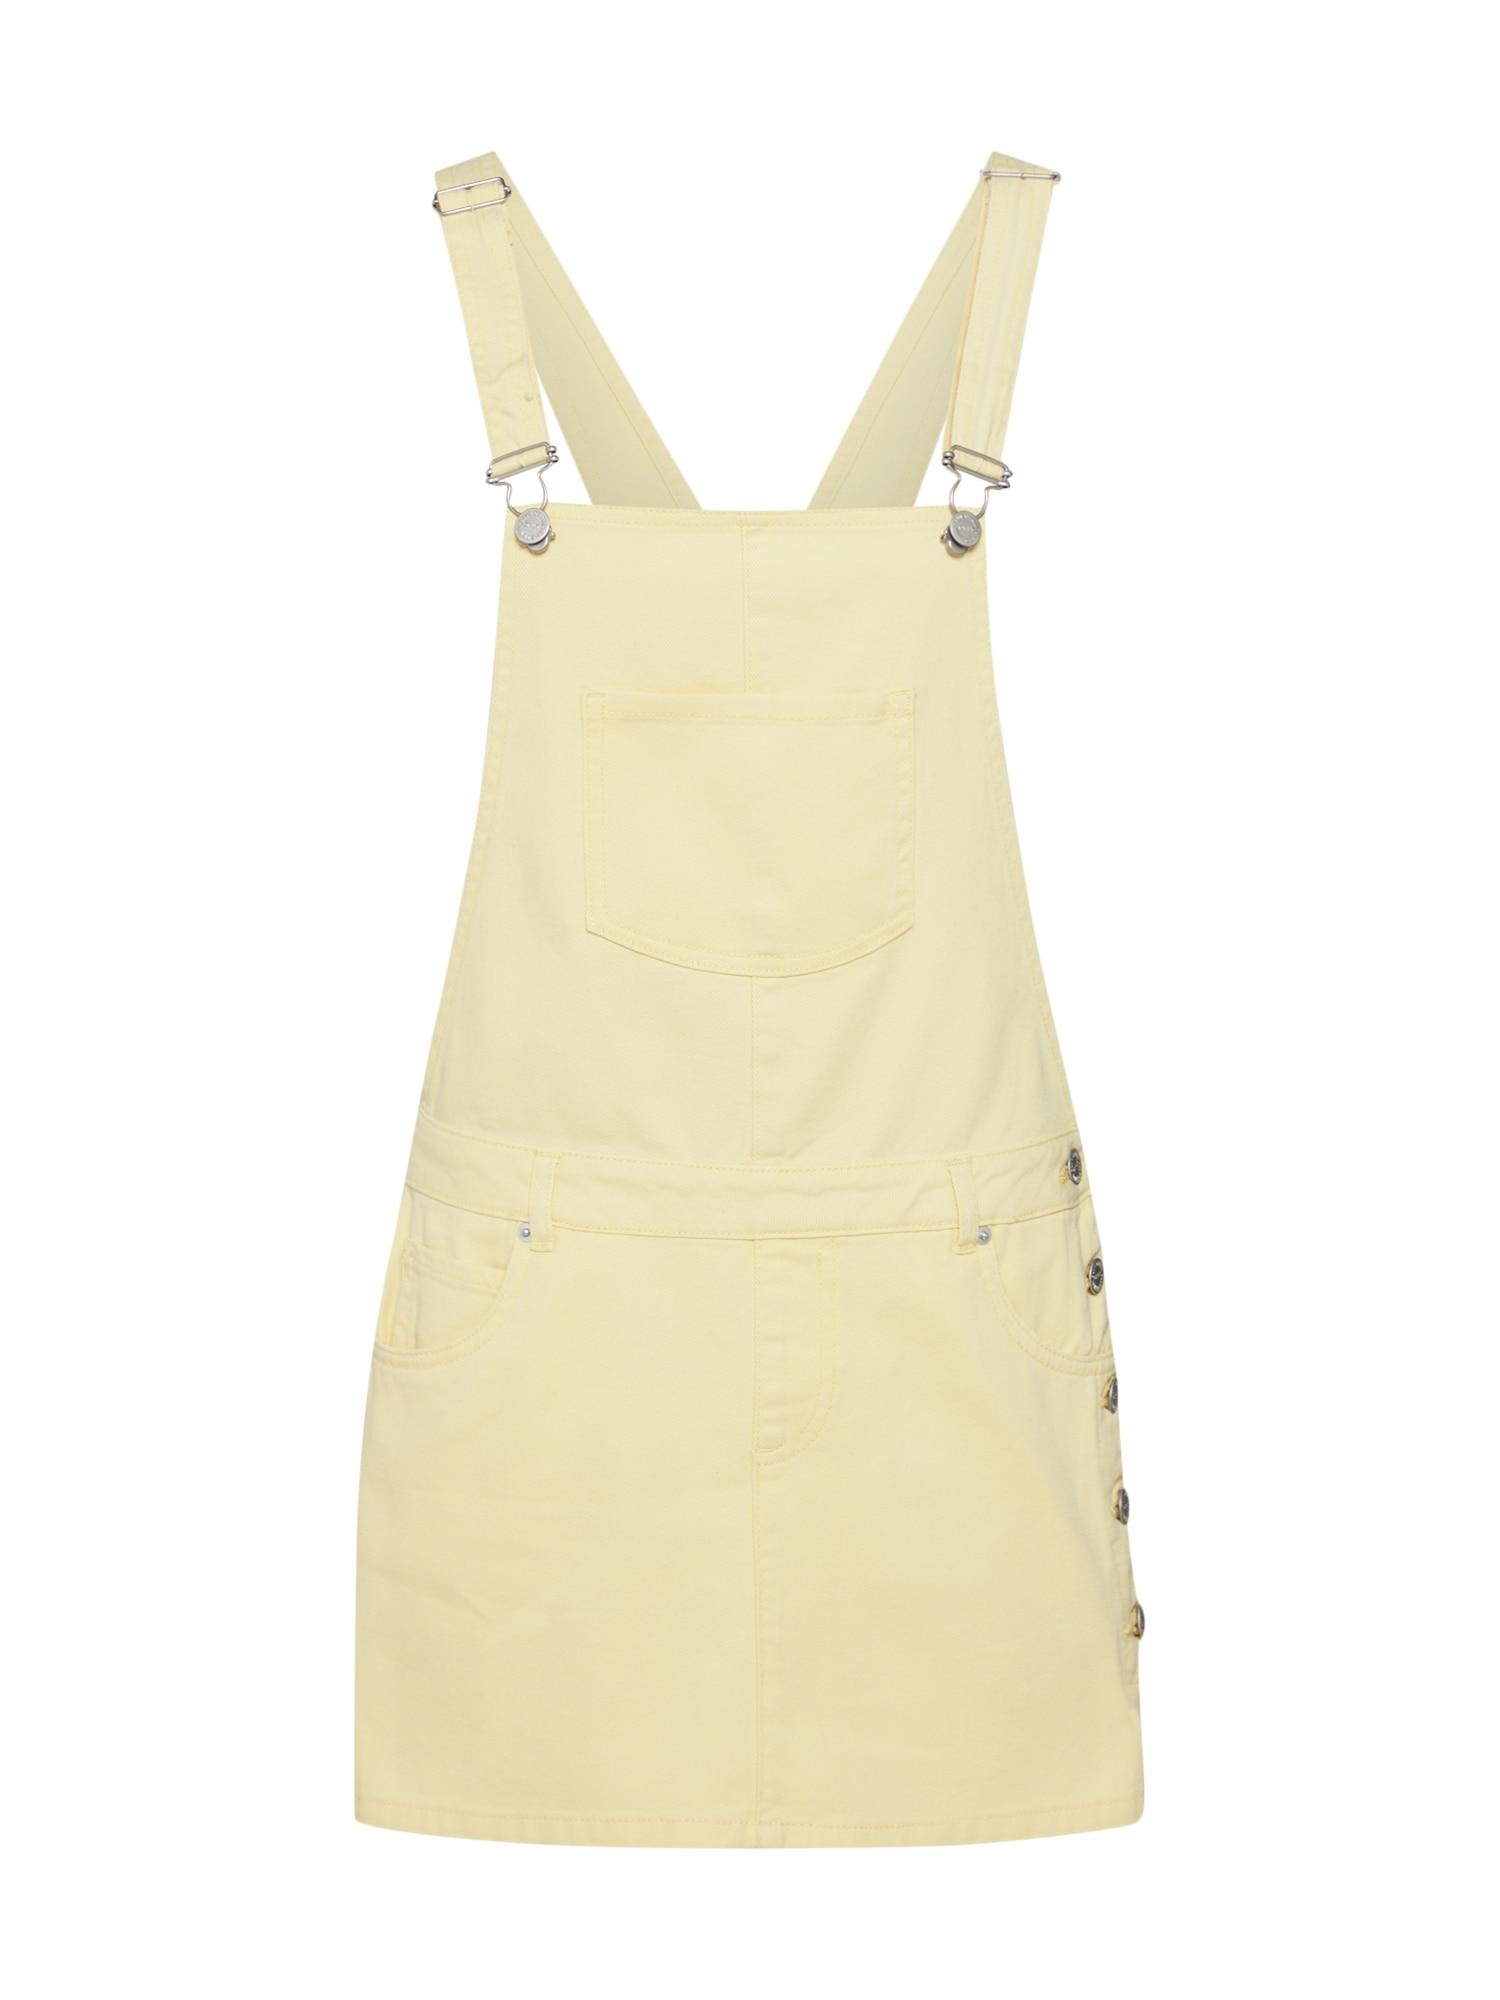 Laclová sukně NOORA světle žlutá ONLY